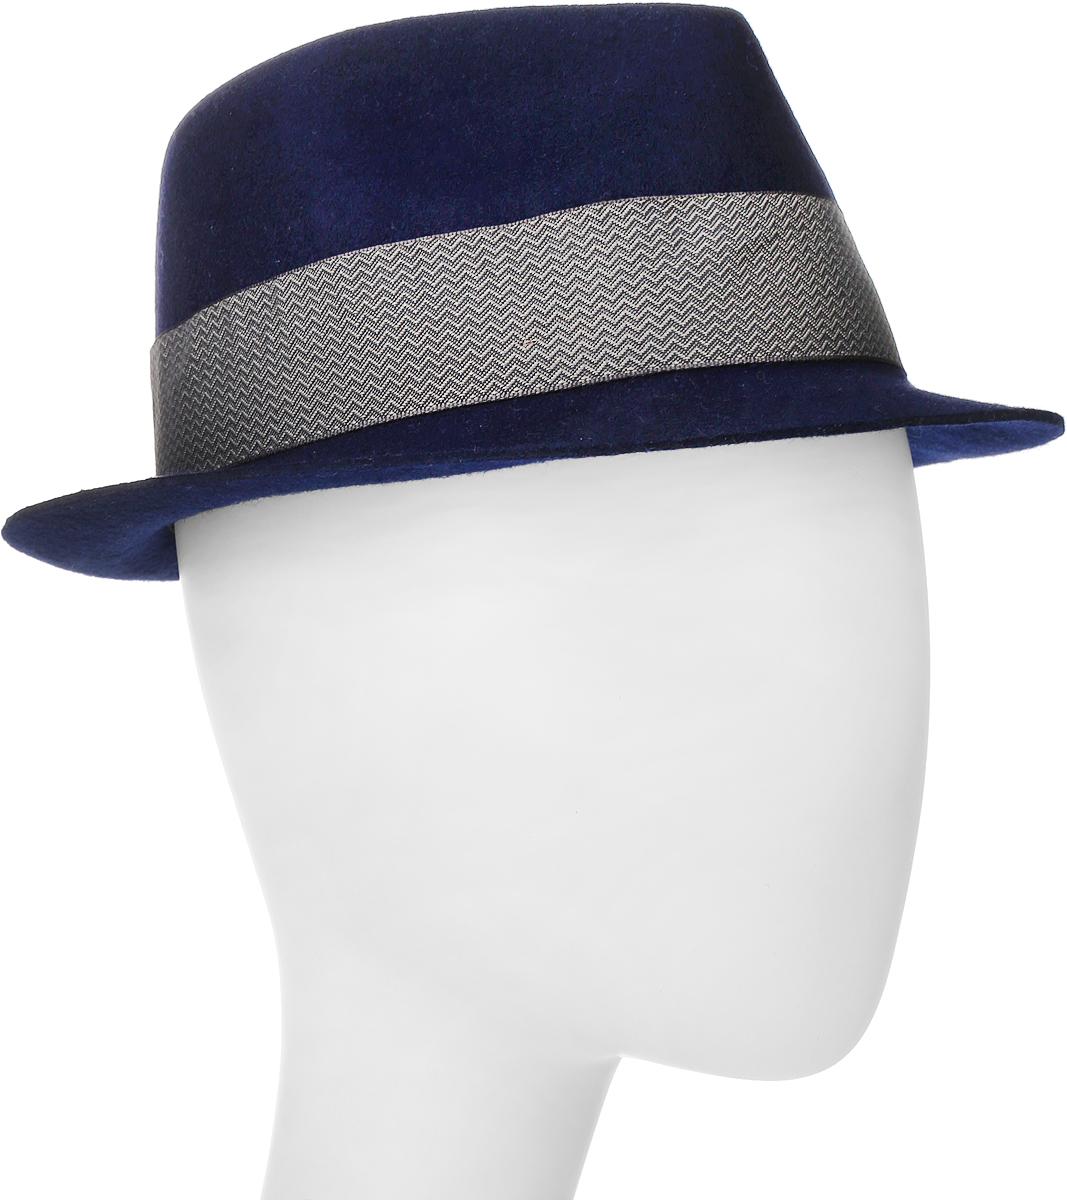 Шляпа600-9305Элегантная шляпа Goorin Brothers, выполненная из высококачественной натуральной шерсти, дополнит любой образ. Модель с невысокой вертикальной тульей с продольным заломом и загнутыми вверх полями, которые можно изгибать по желанию. Шляпа-федора оформлена узорчатой лентой с перетяжкой, которая обозначена маленьким логотипом Goorin Bros. Внутри модель дополнена плотной тесьмой для комфортной посадки изделия по голове. Аккуратные поля шляпы придадут вашему образу таинственности и шарма. Такая шляпа подчеркнет вашу неповторимость и прекрасный вкус.